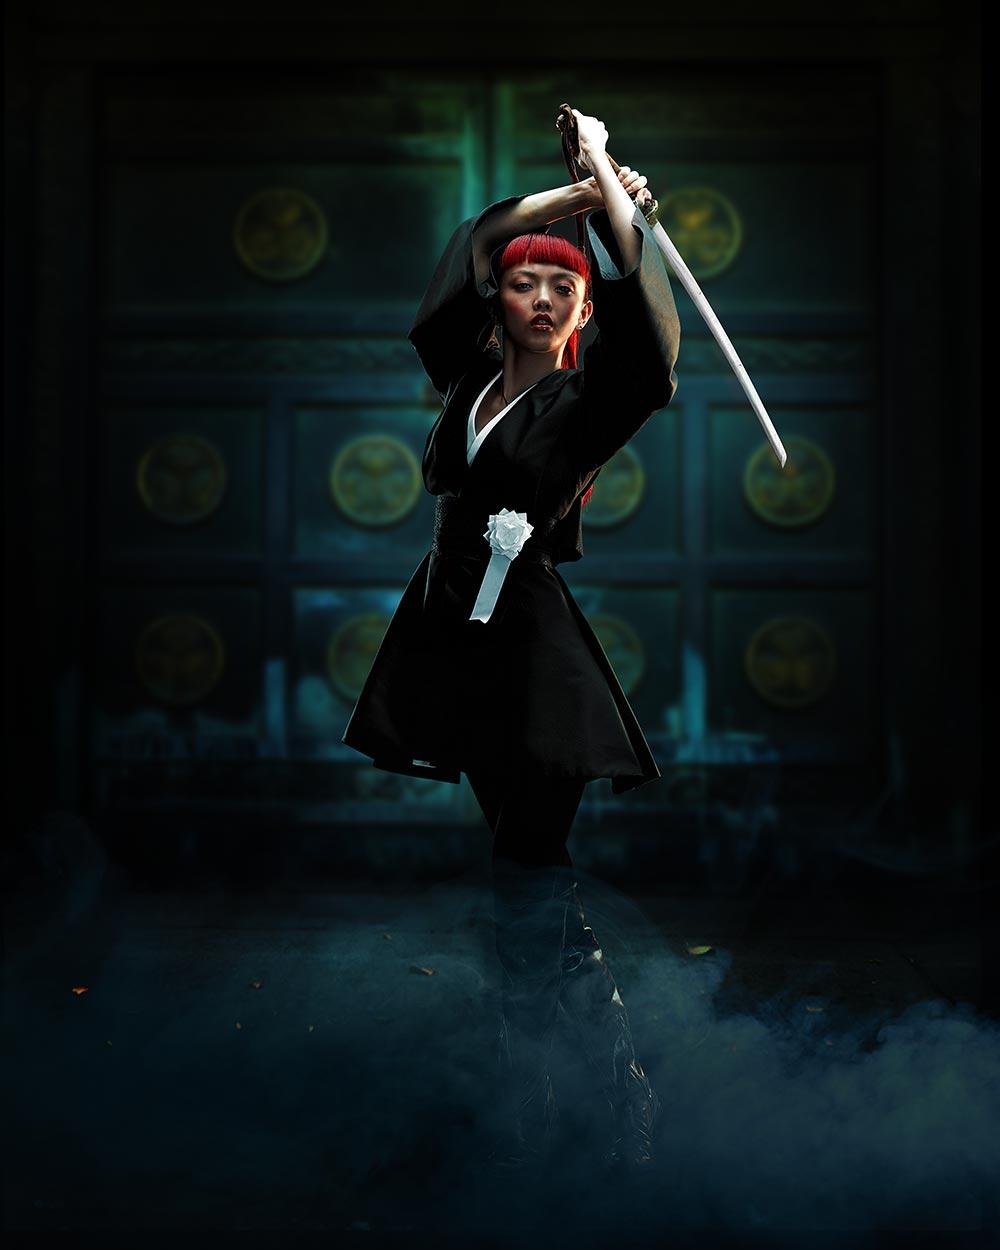 Rila Fukushima Wolverine